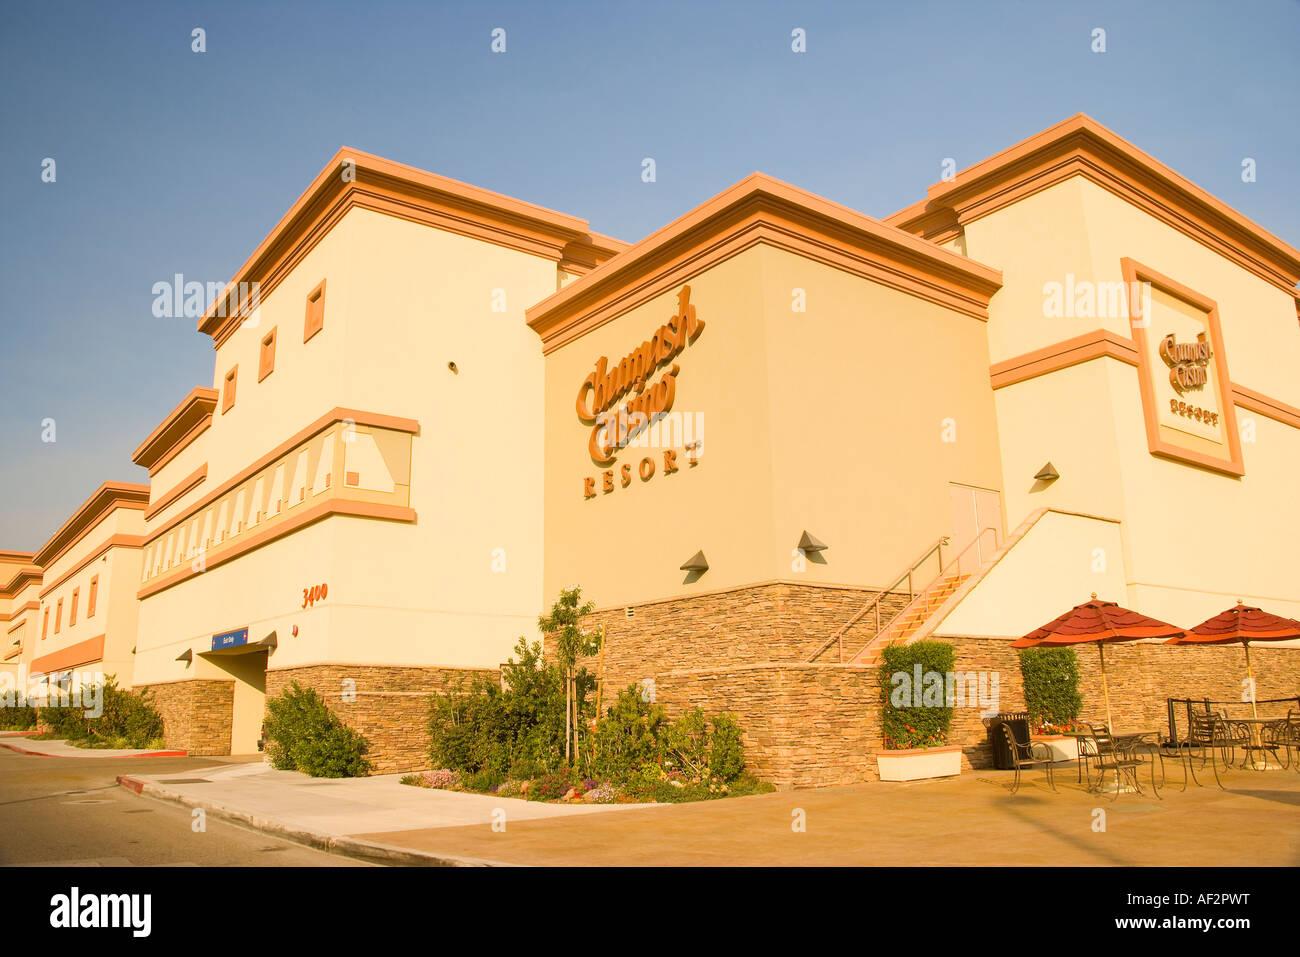 Burswood casino accommodation